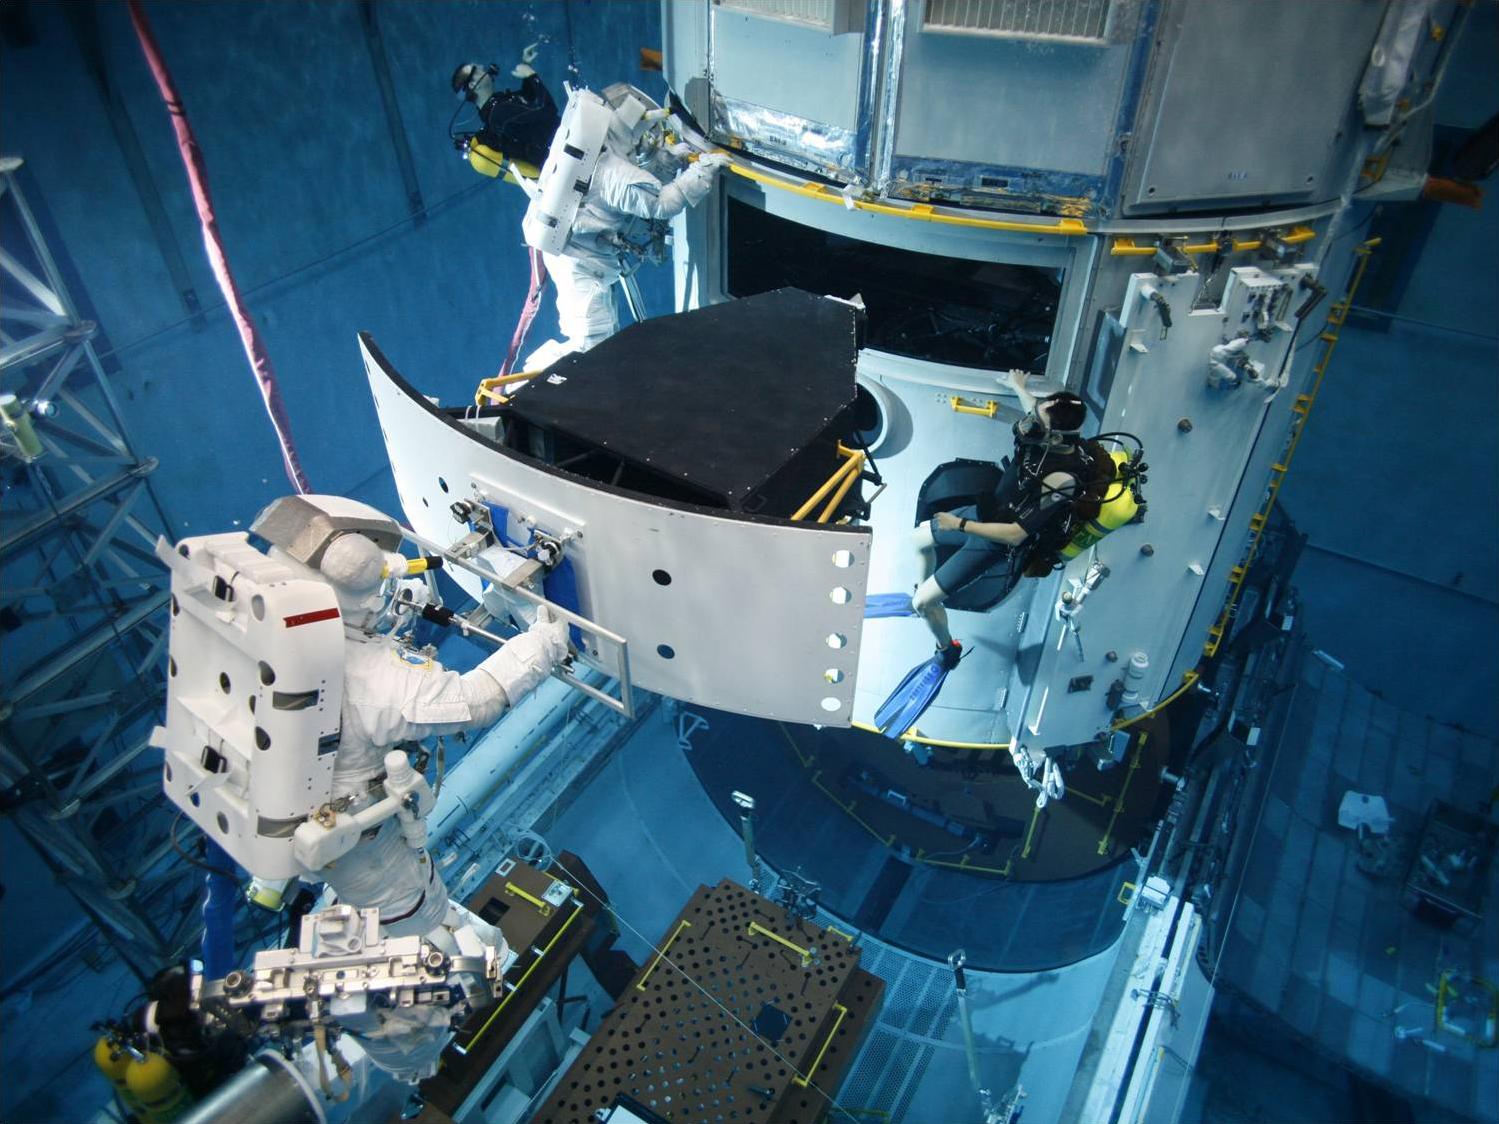 nasa zero gravity simulator - photo #29